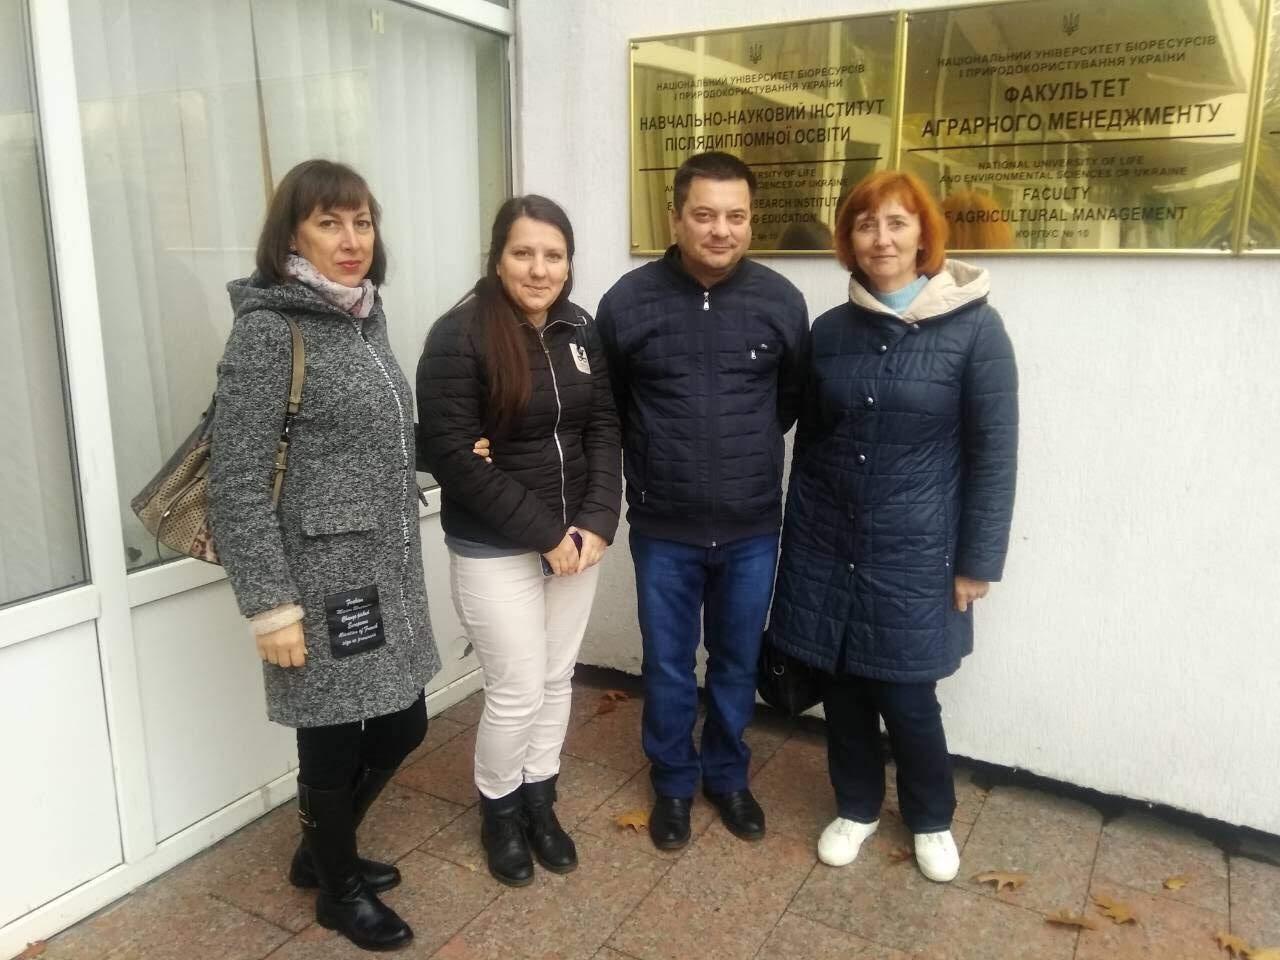 Протягом жовтня-листопада 9 державних службовців Головного управління Держгеокадастру у Миколаївській області підвищили кваліфікацію у Києві